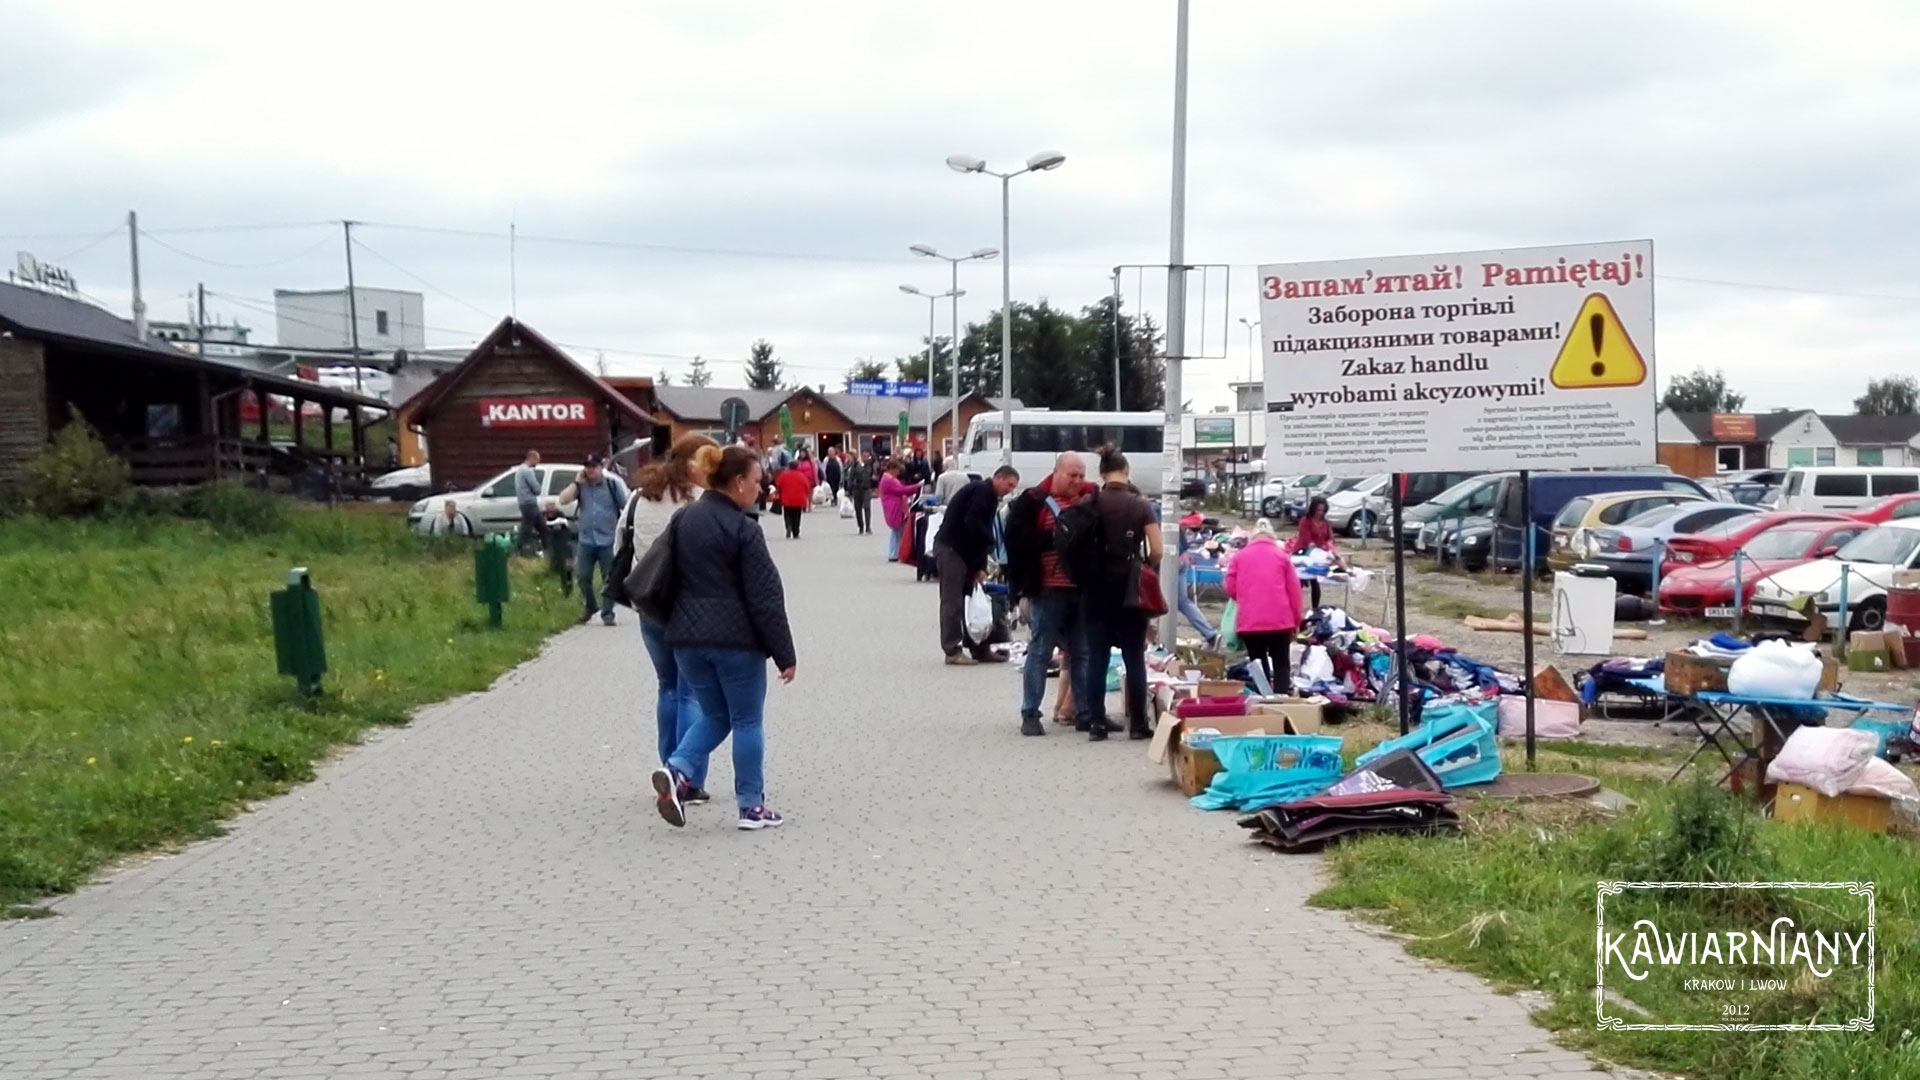 Otwarto piesze przejście w Medyce. Czy można jechać na Ukrainę?